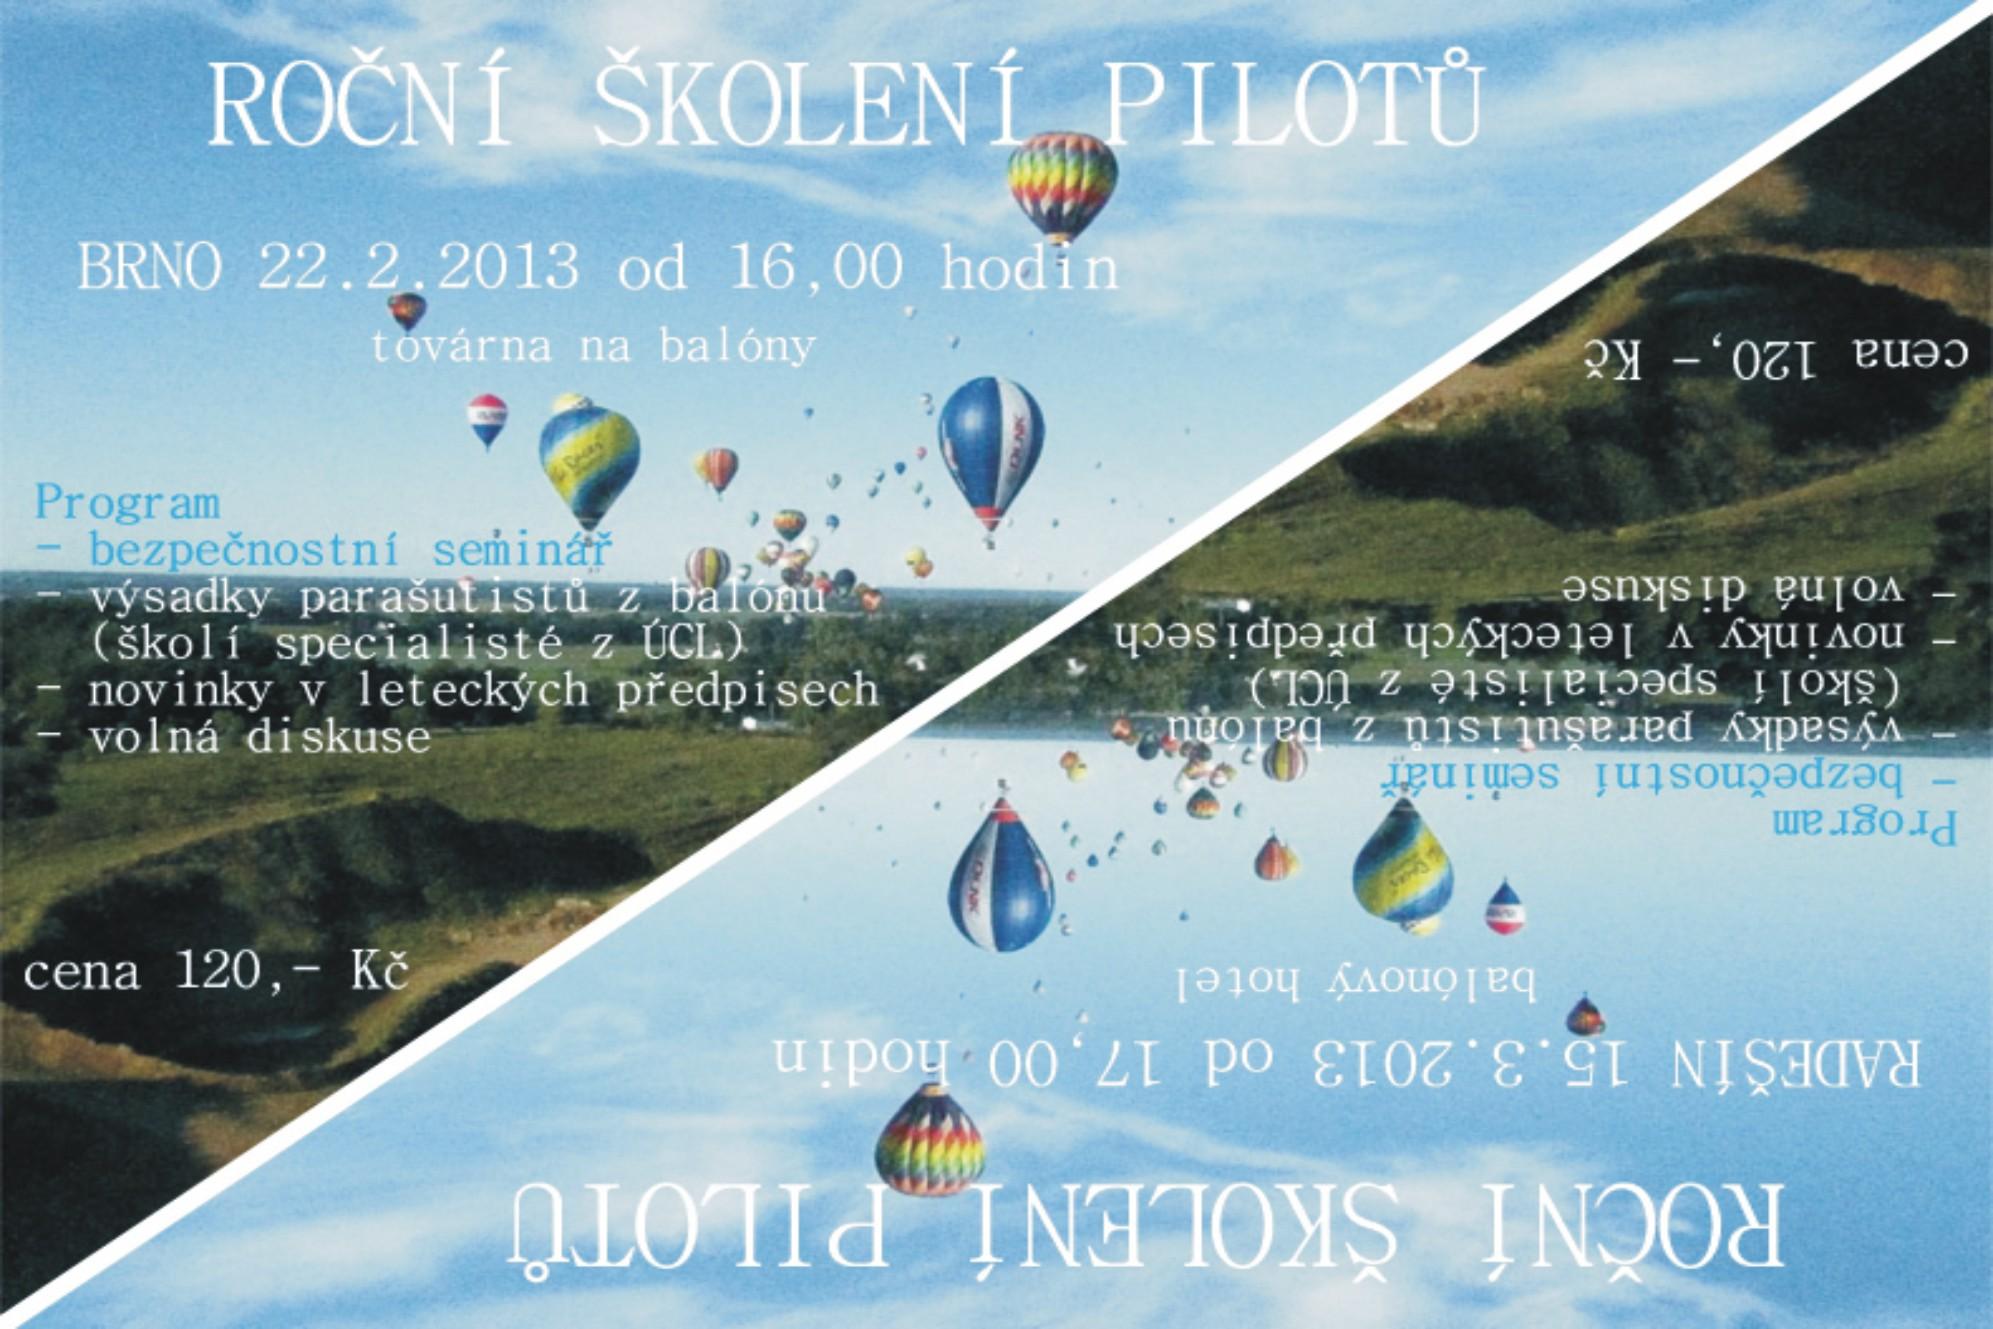 Školení pilotů